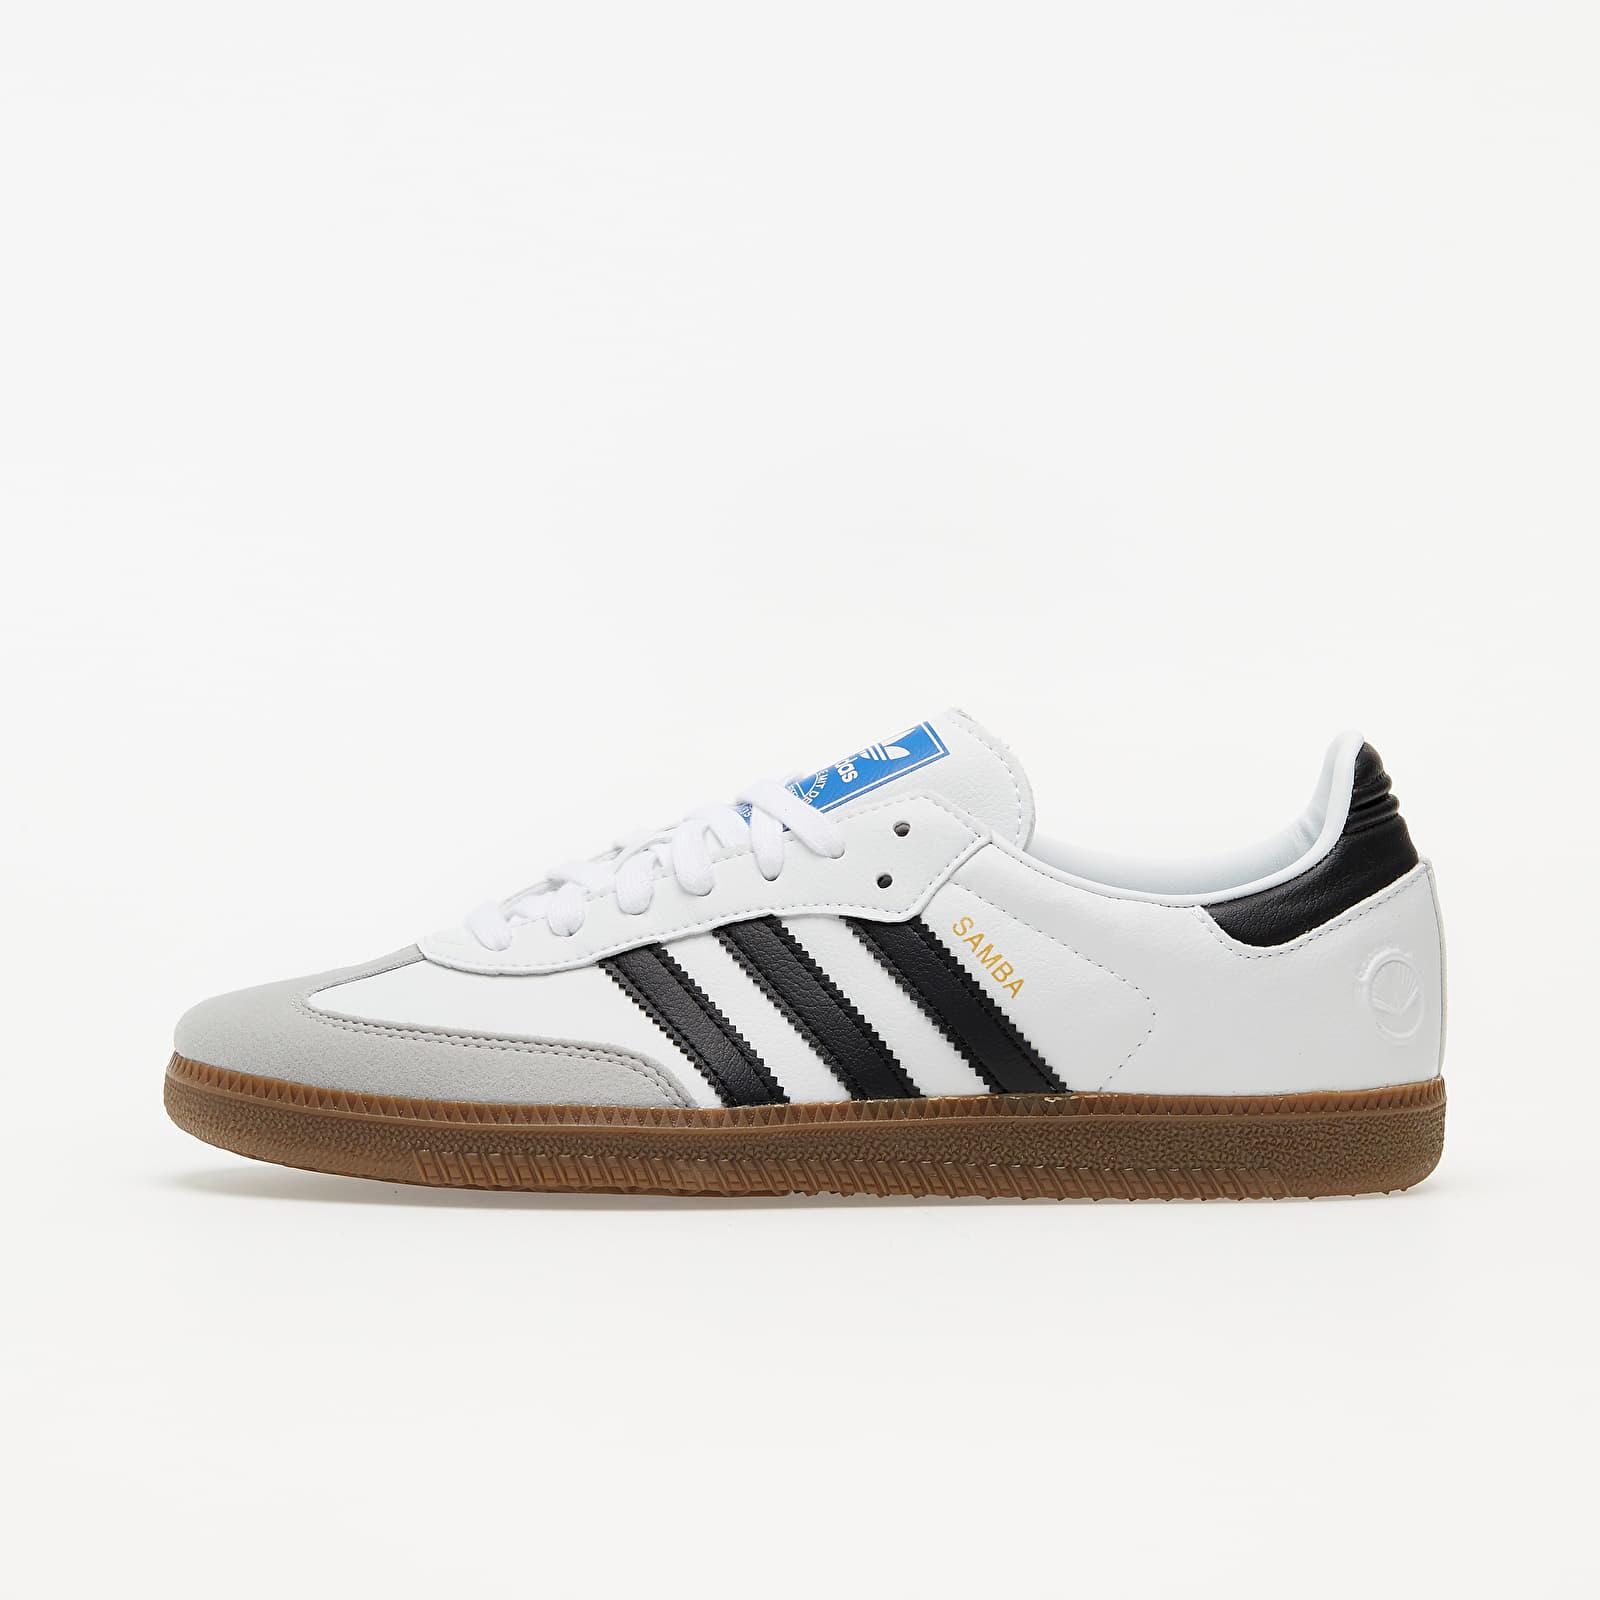 flotante métrico Odia  Men's shoes adidas Samba Vegan Ftw White/ Core Black/ Gum 5 | Footshop